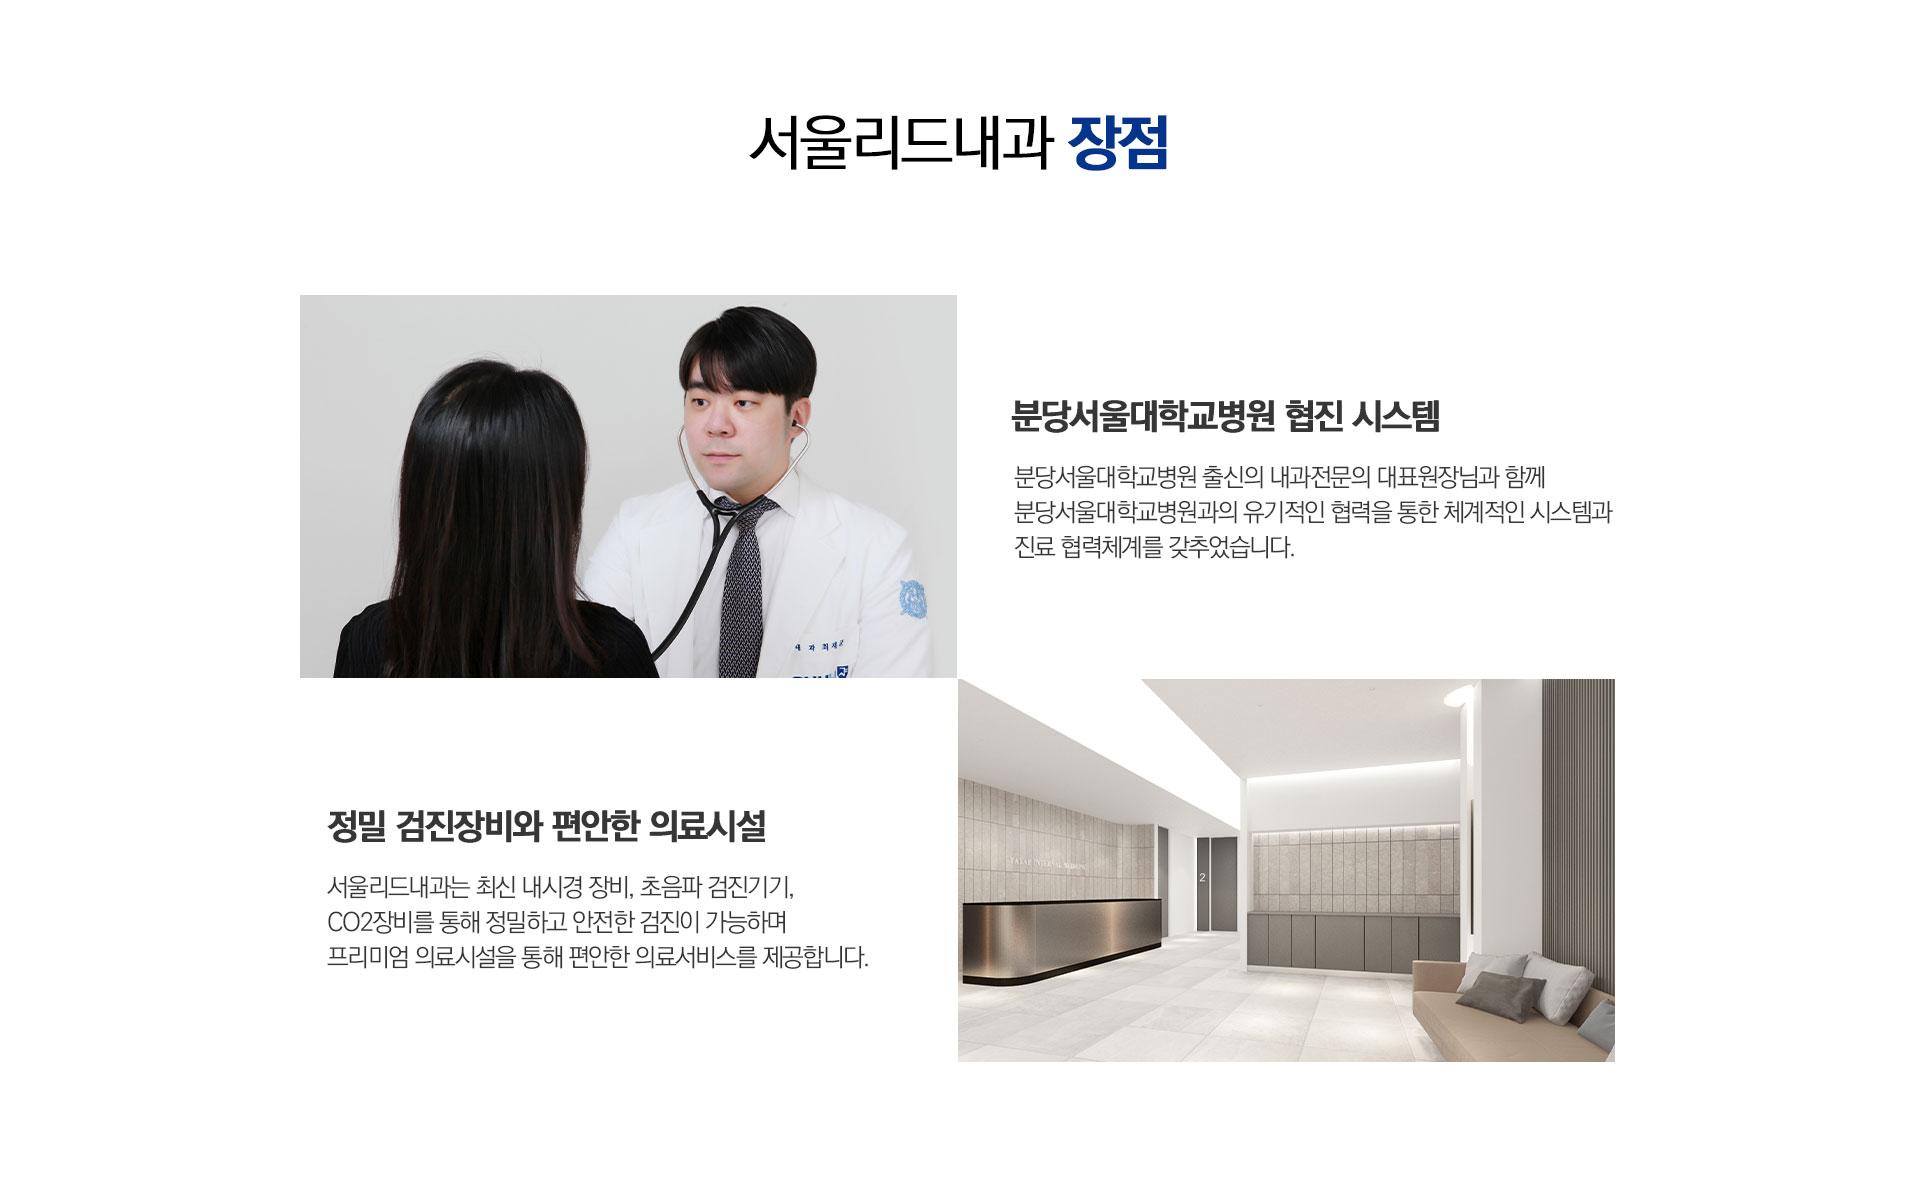 서울리드내과 병원장점